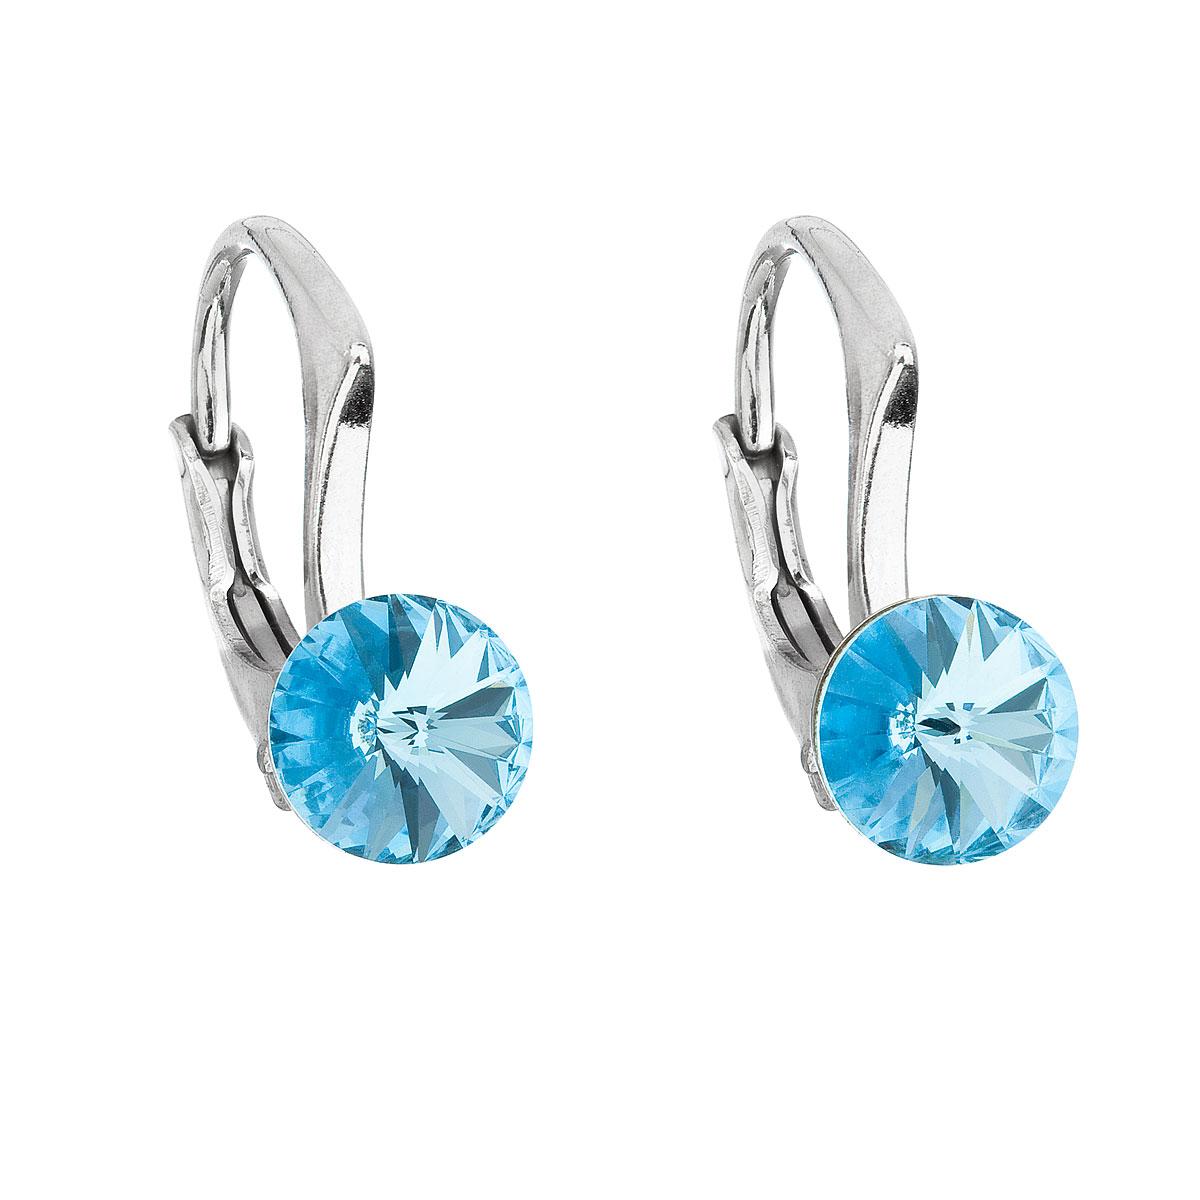 Evolution Group Stříbrné náušnice visací s krystaly Swarovski modré kulaté 31230.3 aquamarine